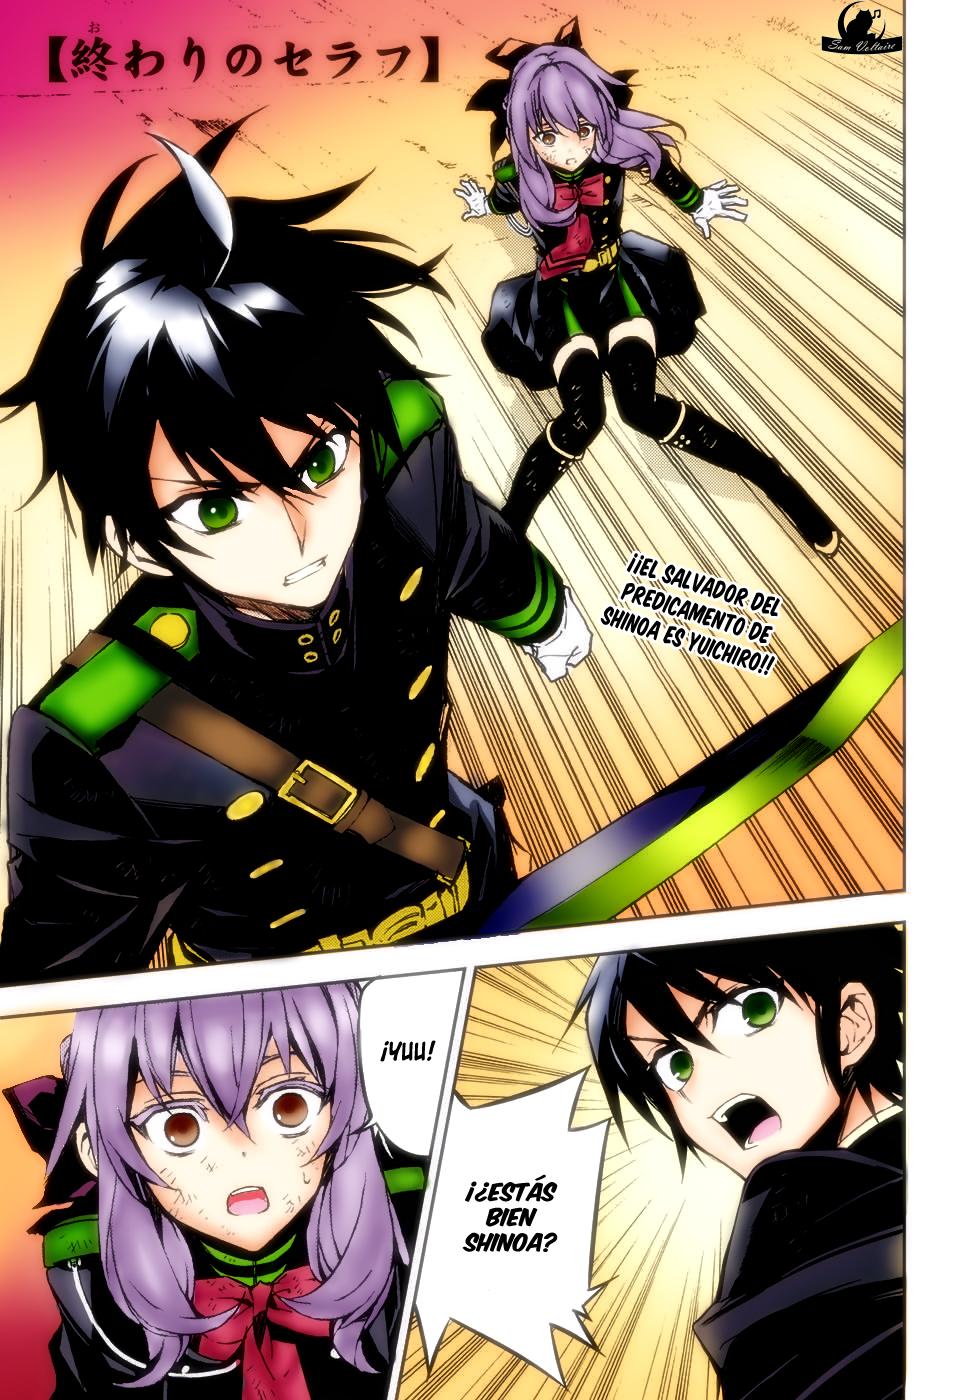 http://c5.ninemanga.com/es_manga/49/3057/432749/4f13230465cb8df938e896c598b30727.jpg Page 3